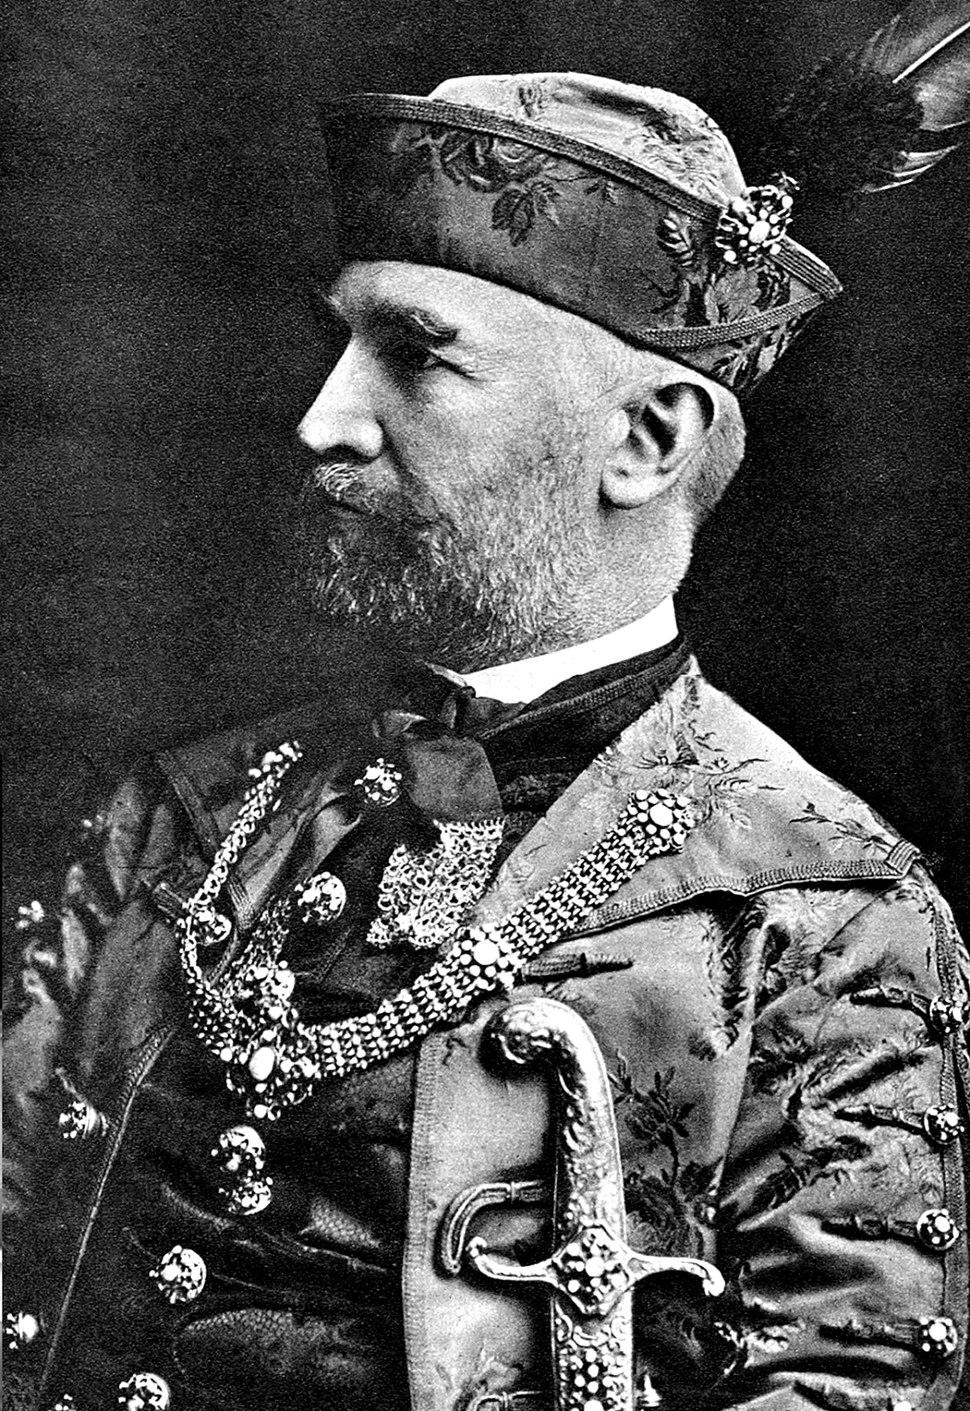 Simonyi-Semadam in 1920